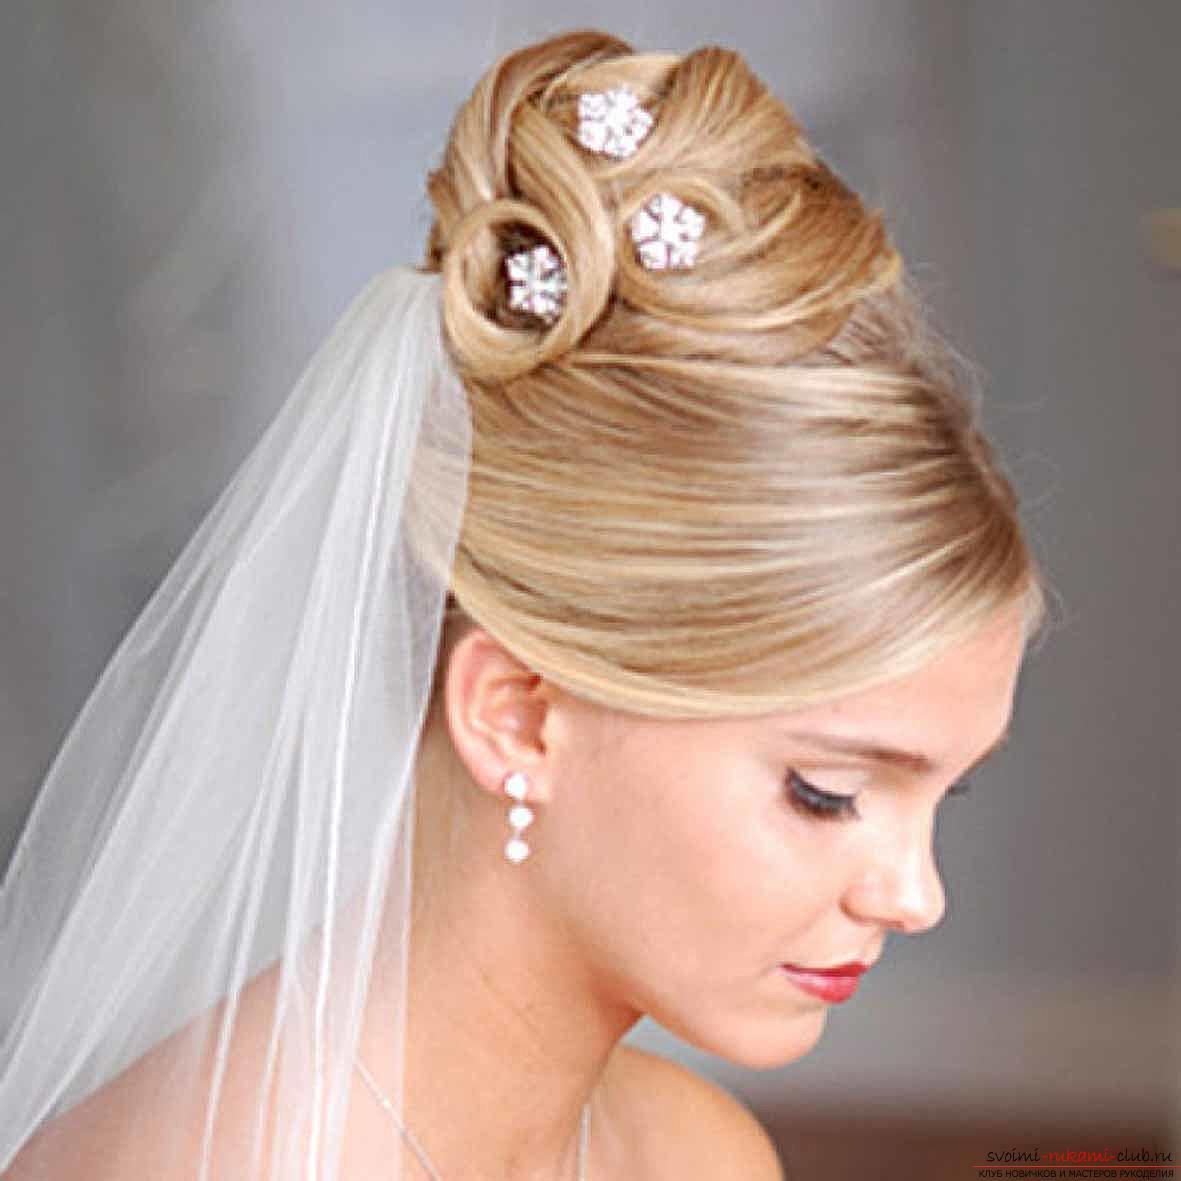 Зачіски для нареченої на весілля з фатою. фото №5